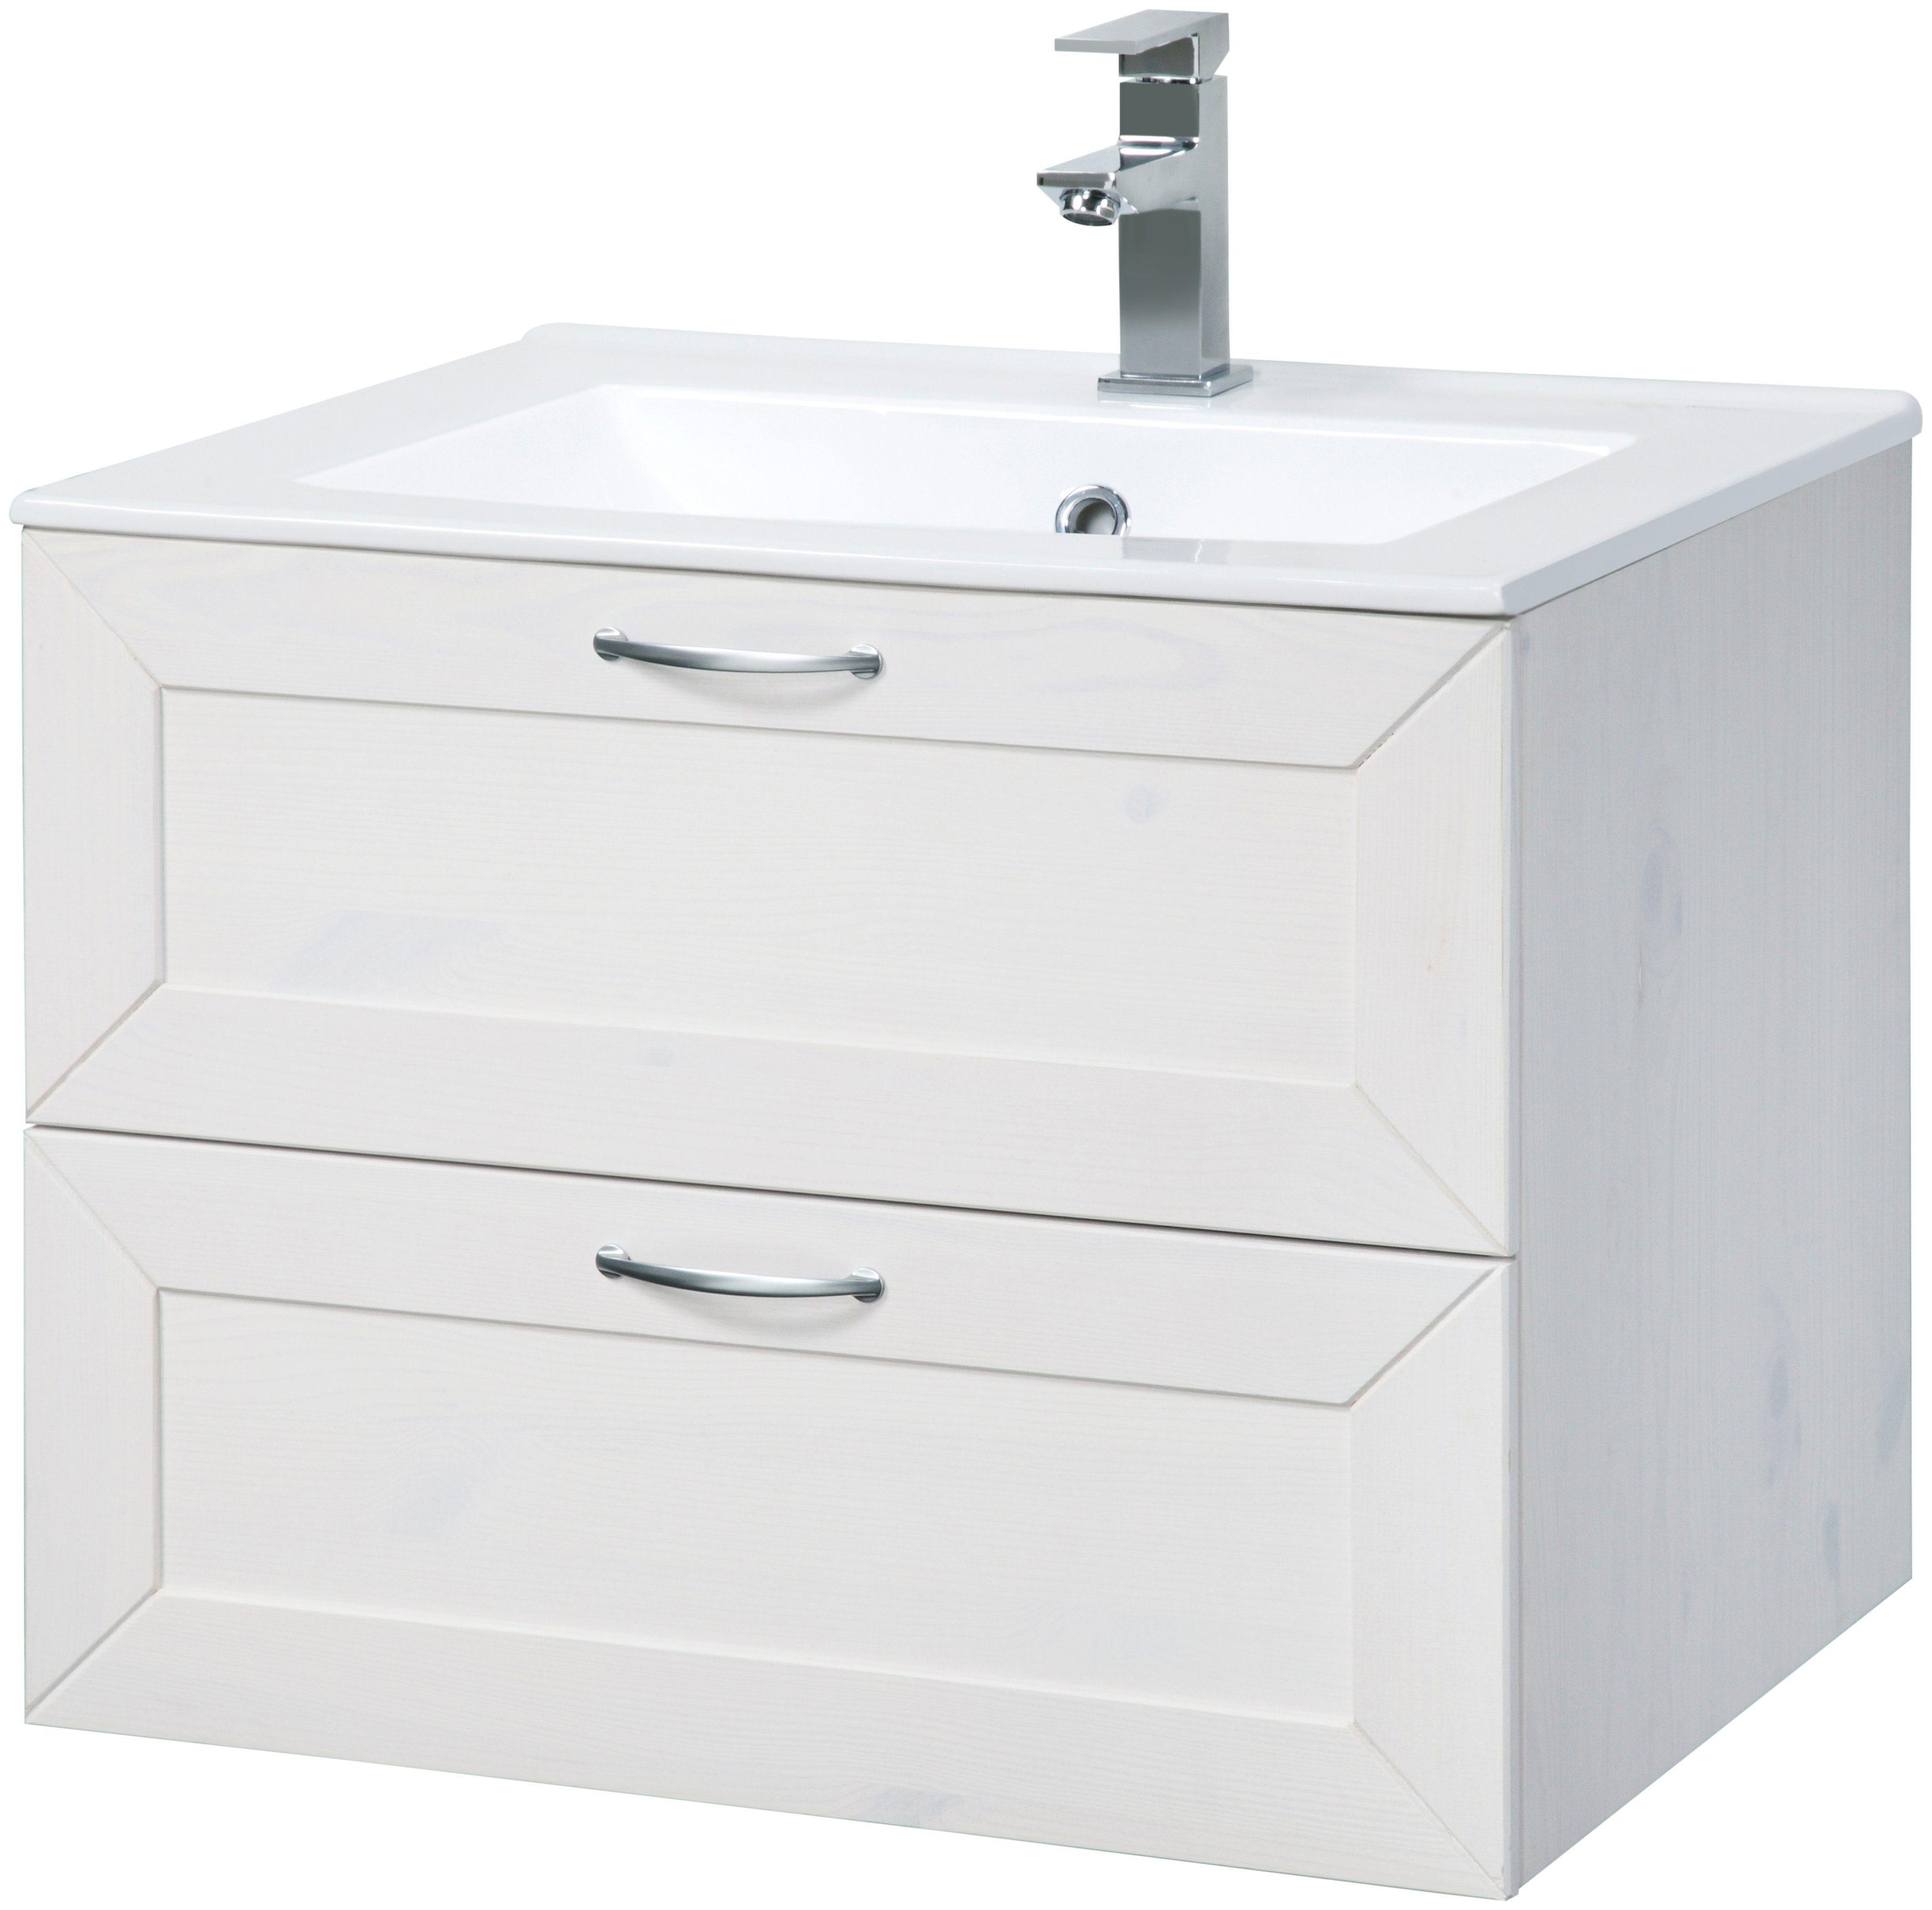 Waschtisch »Modern«, Breite 60 cm, inkl. Keramikwaschbecken